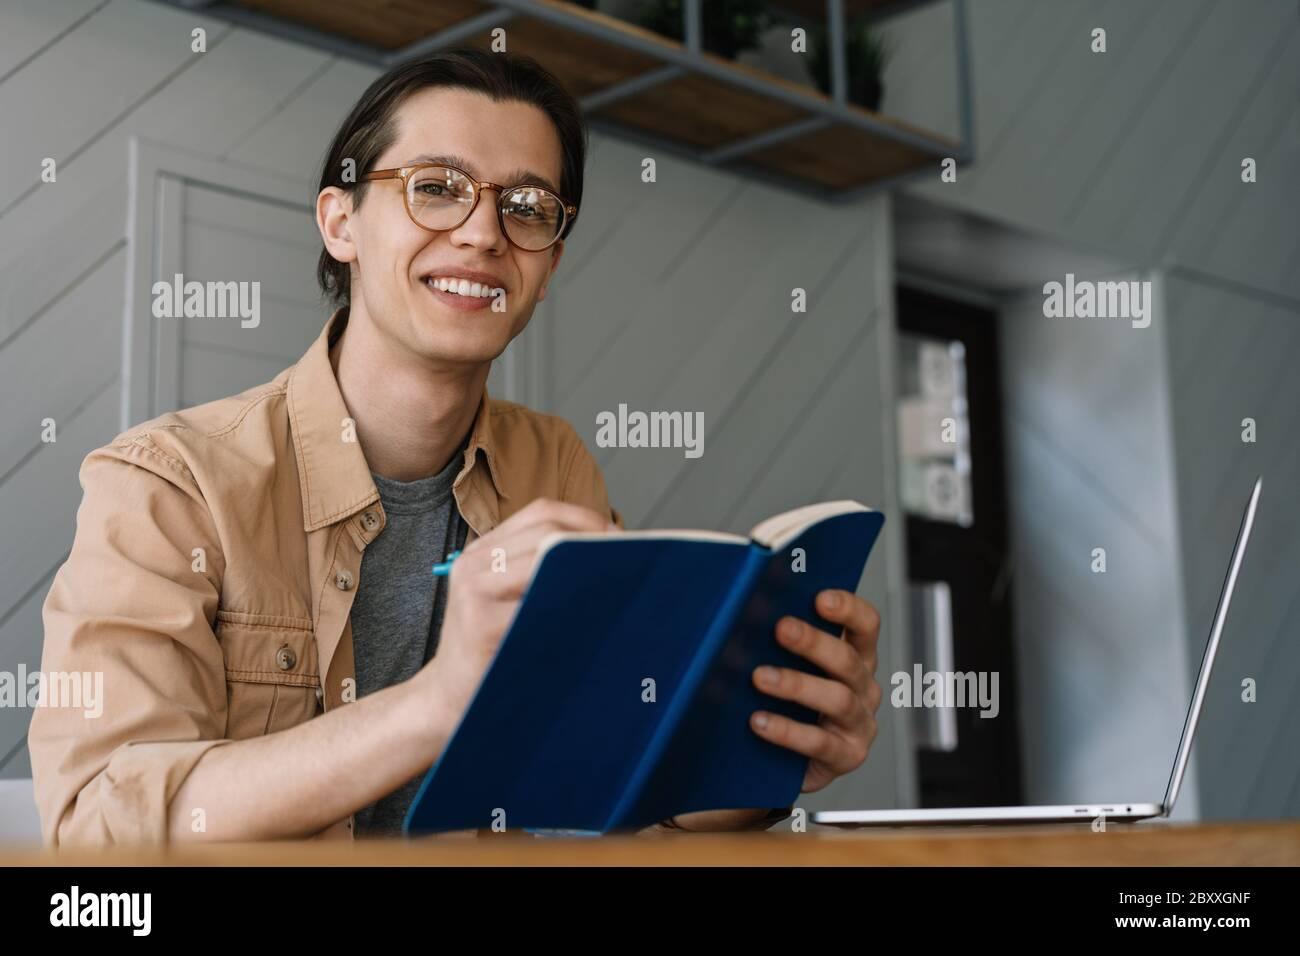 Étudiant étudiant, enseignement à distance. Homme hipster souriant prenant des notes dans un ordinateur portable, travaillant freelance projet de la maison Banque D'Images